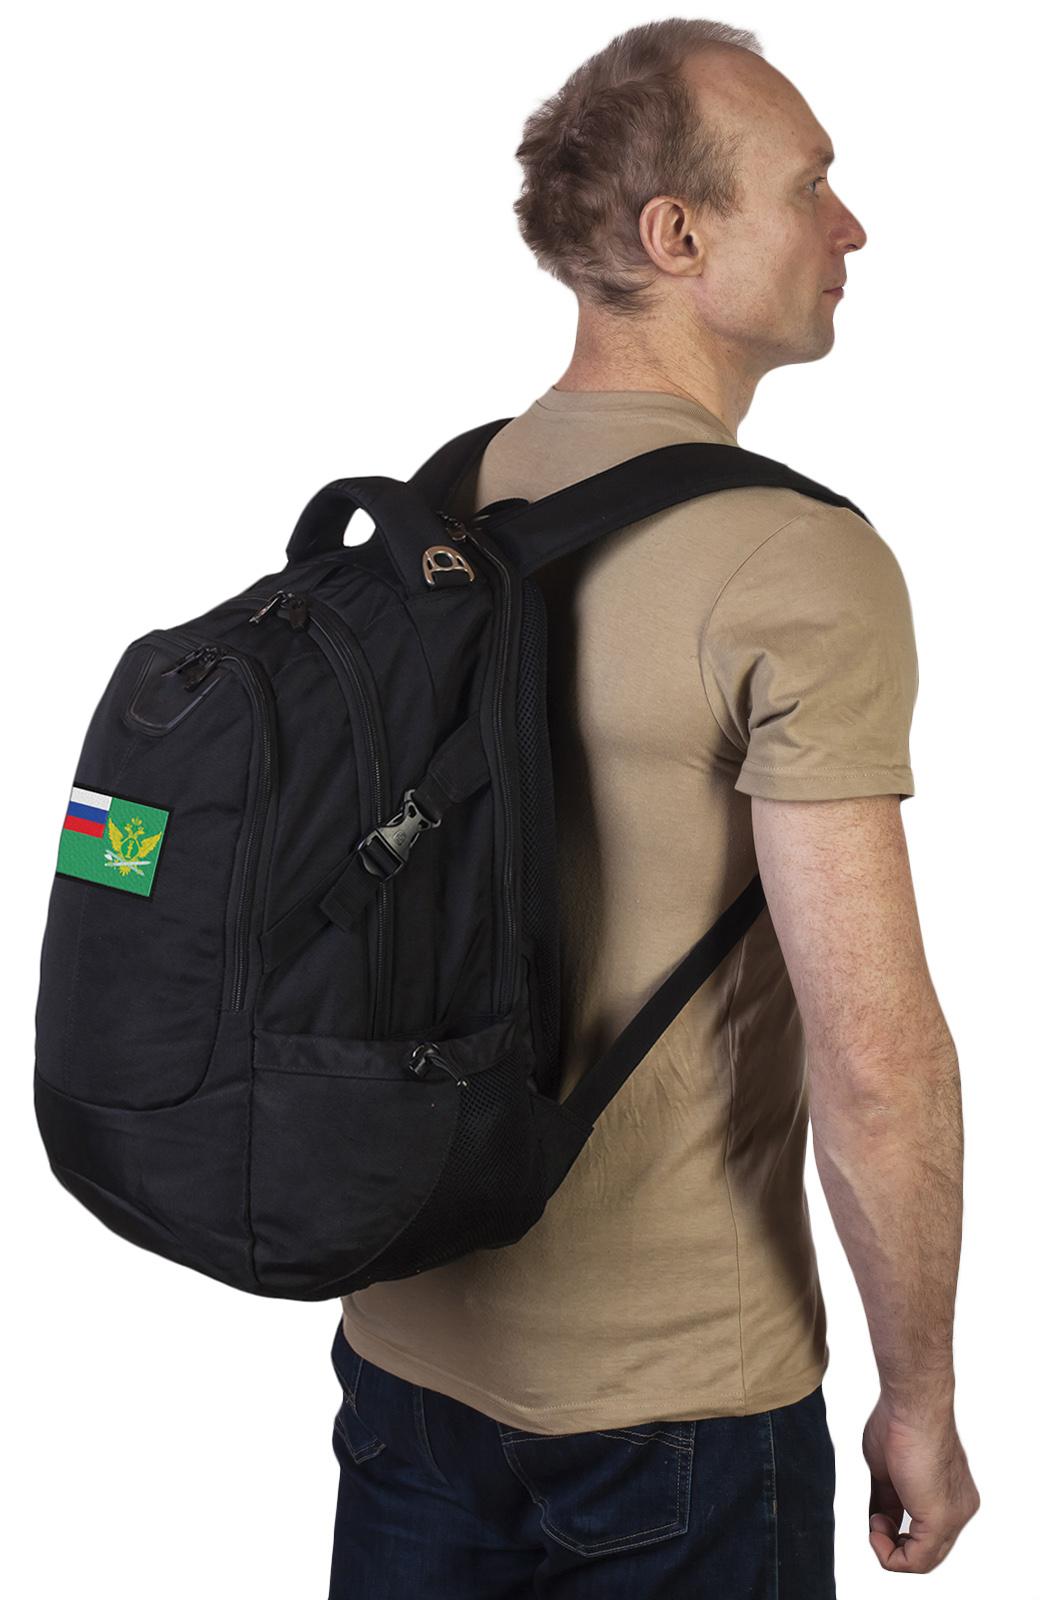 Универсальный вместительный рюкзак с нашивкой ФСПП - заказать по низкой цене